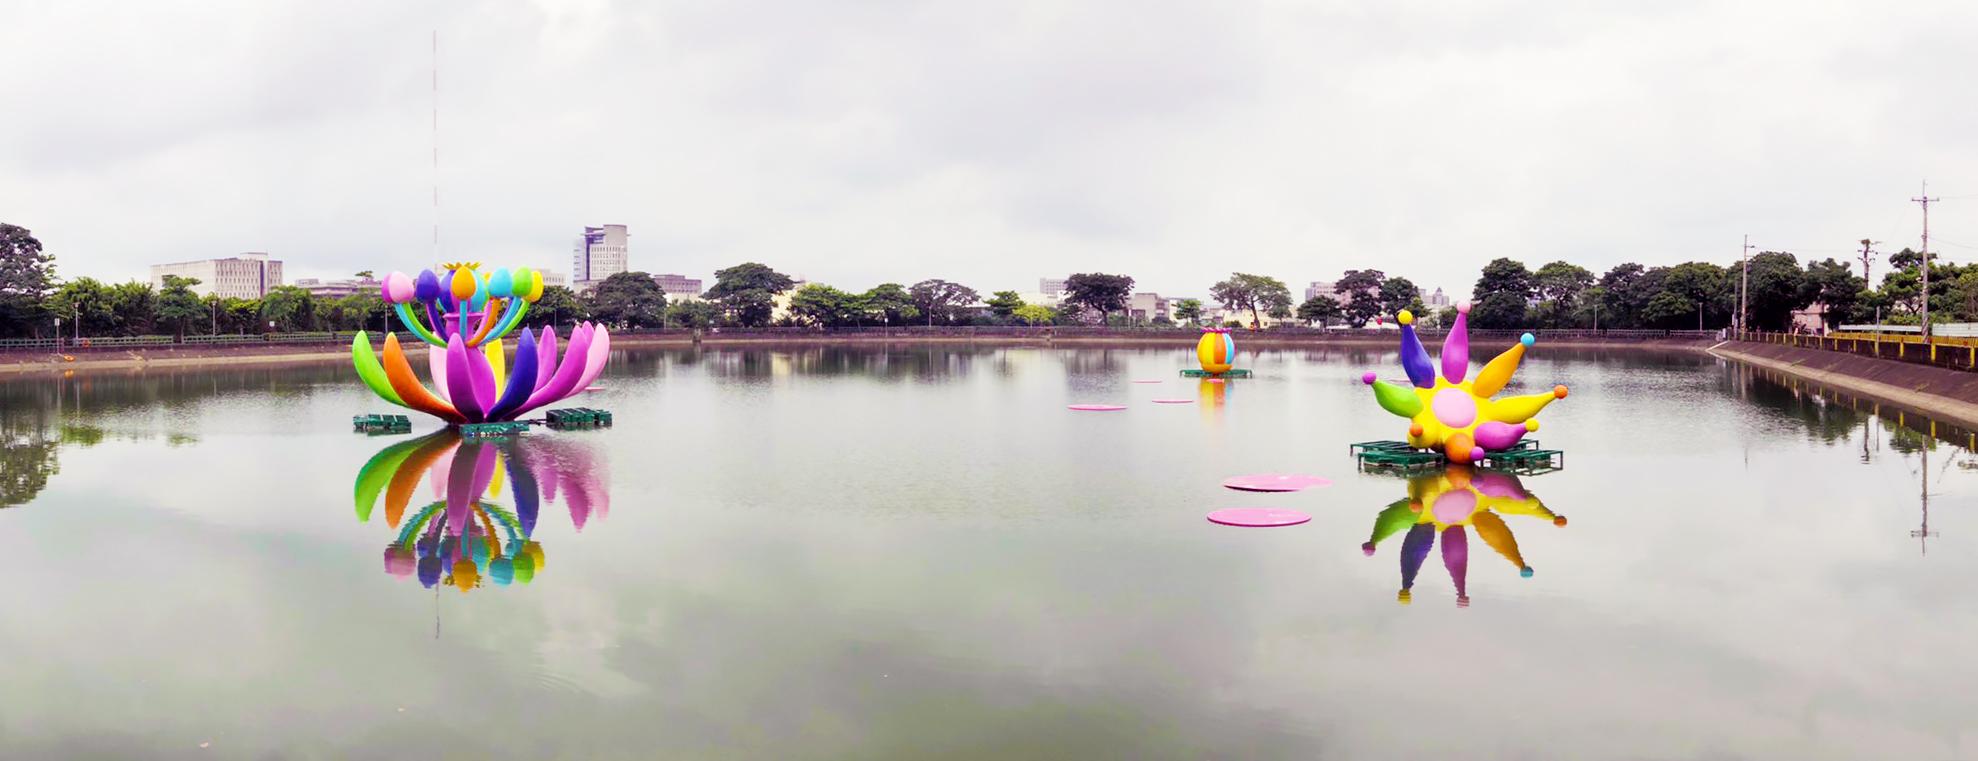 臺灣藝術家賴純純作品《桃樂源》,結合桃園特色埤塘,作品的色彩與水中倒影呼應,營造活力意象,也象徵多元的族群融合。